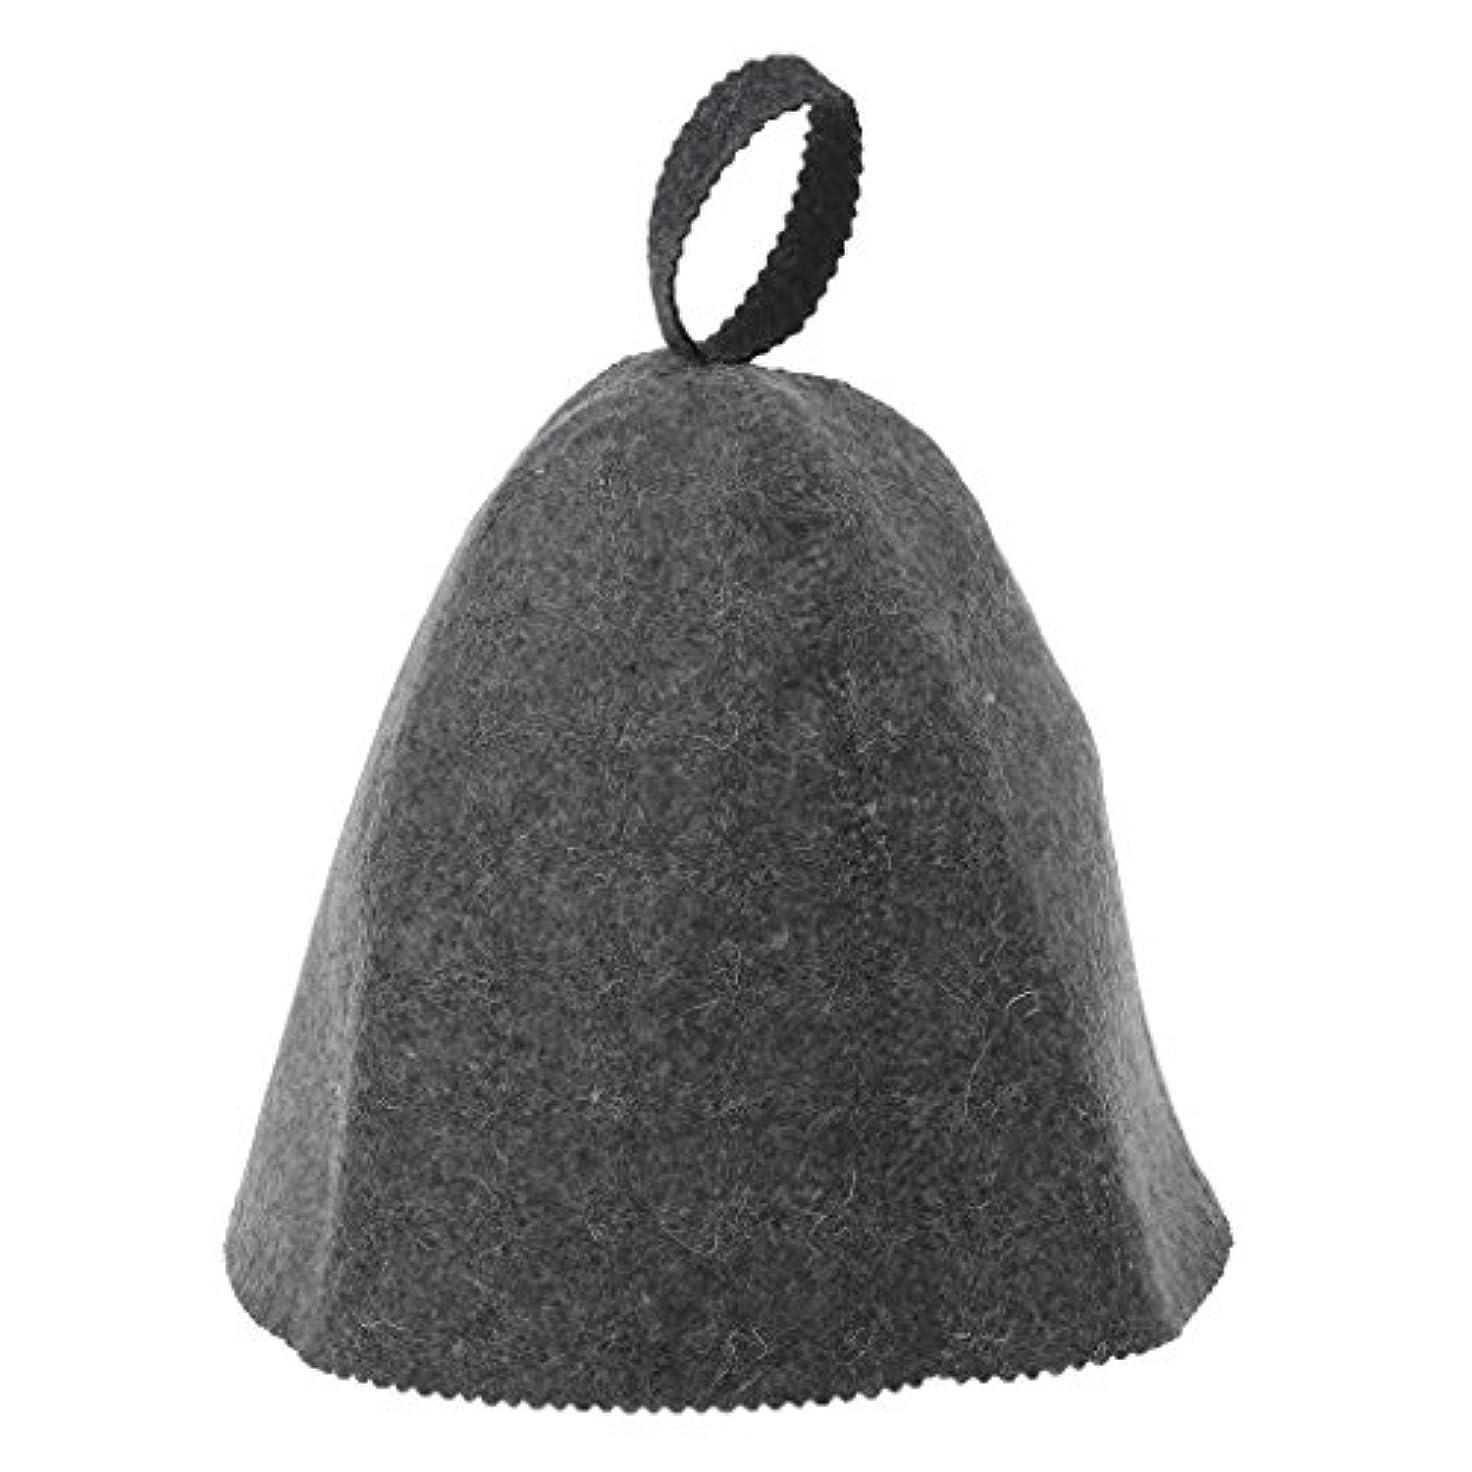 ソケットしないでください憲法LANDUMのウールのフェルトのサウナの帽子、浴室の家の頭部の保護のための反熱ロシアのバニヤ帽子